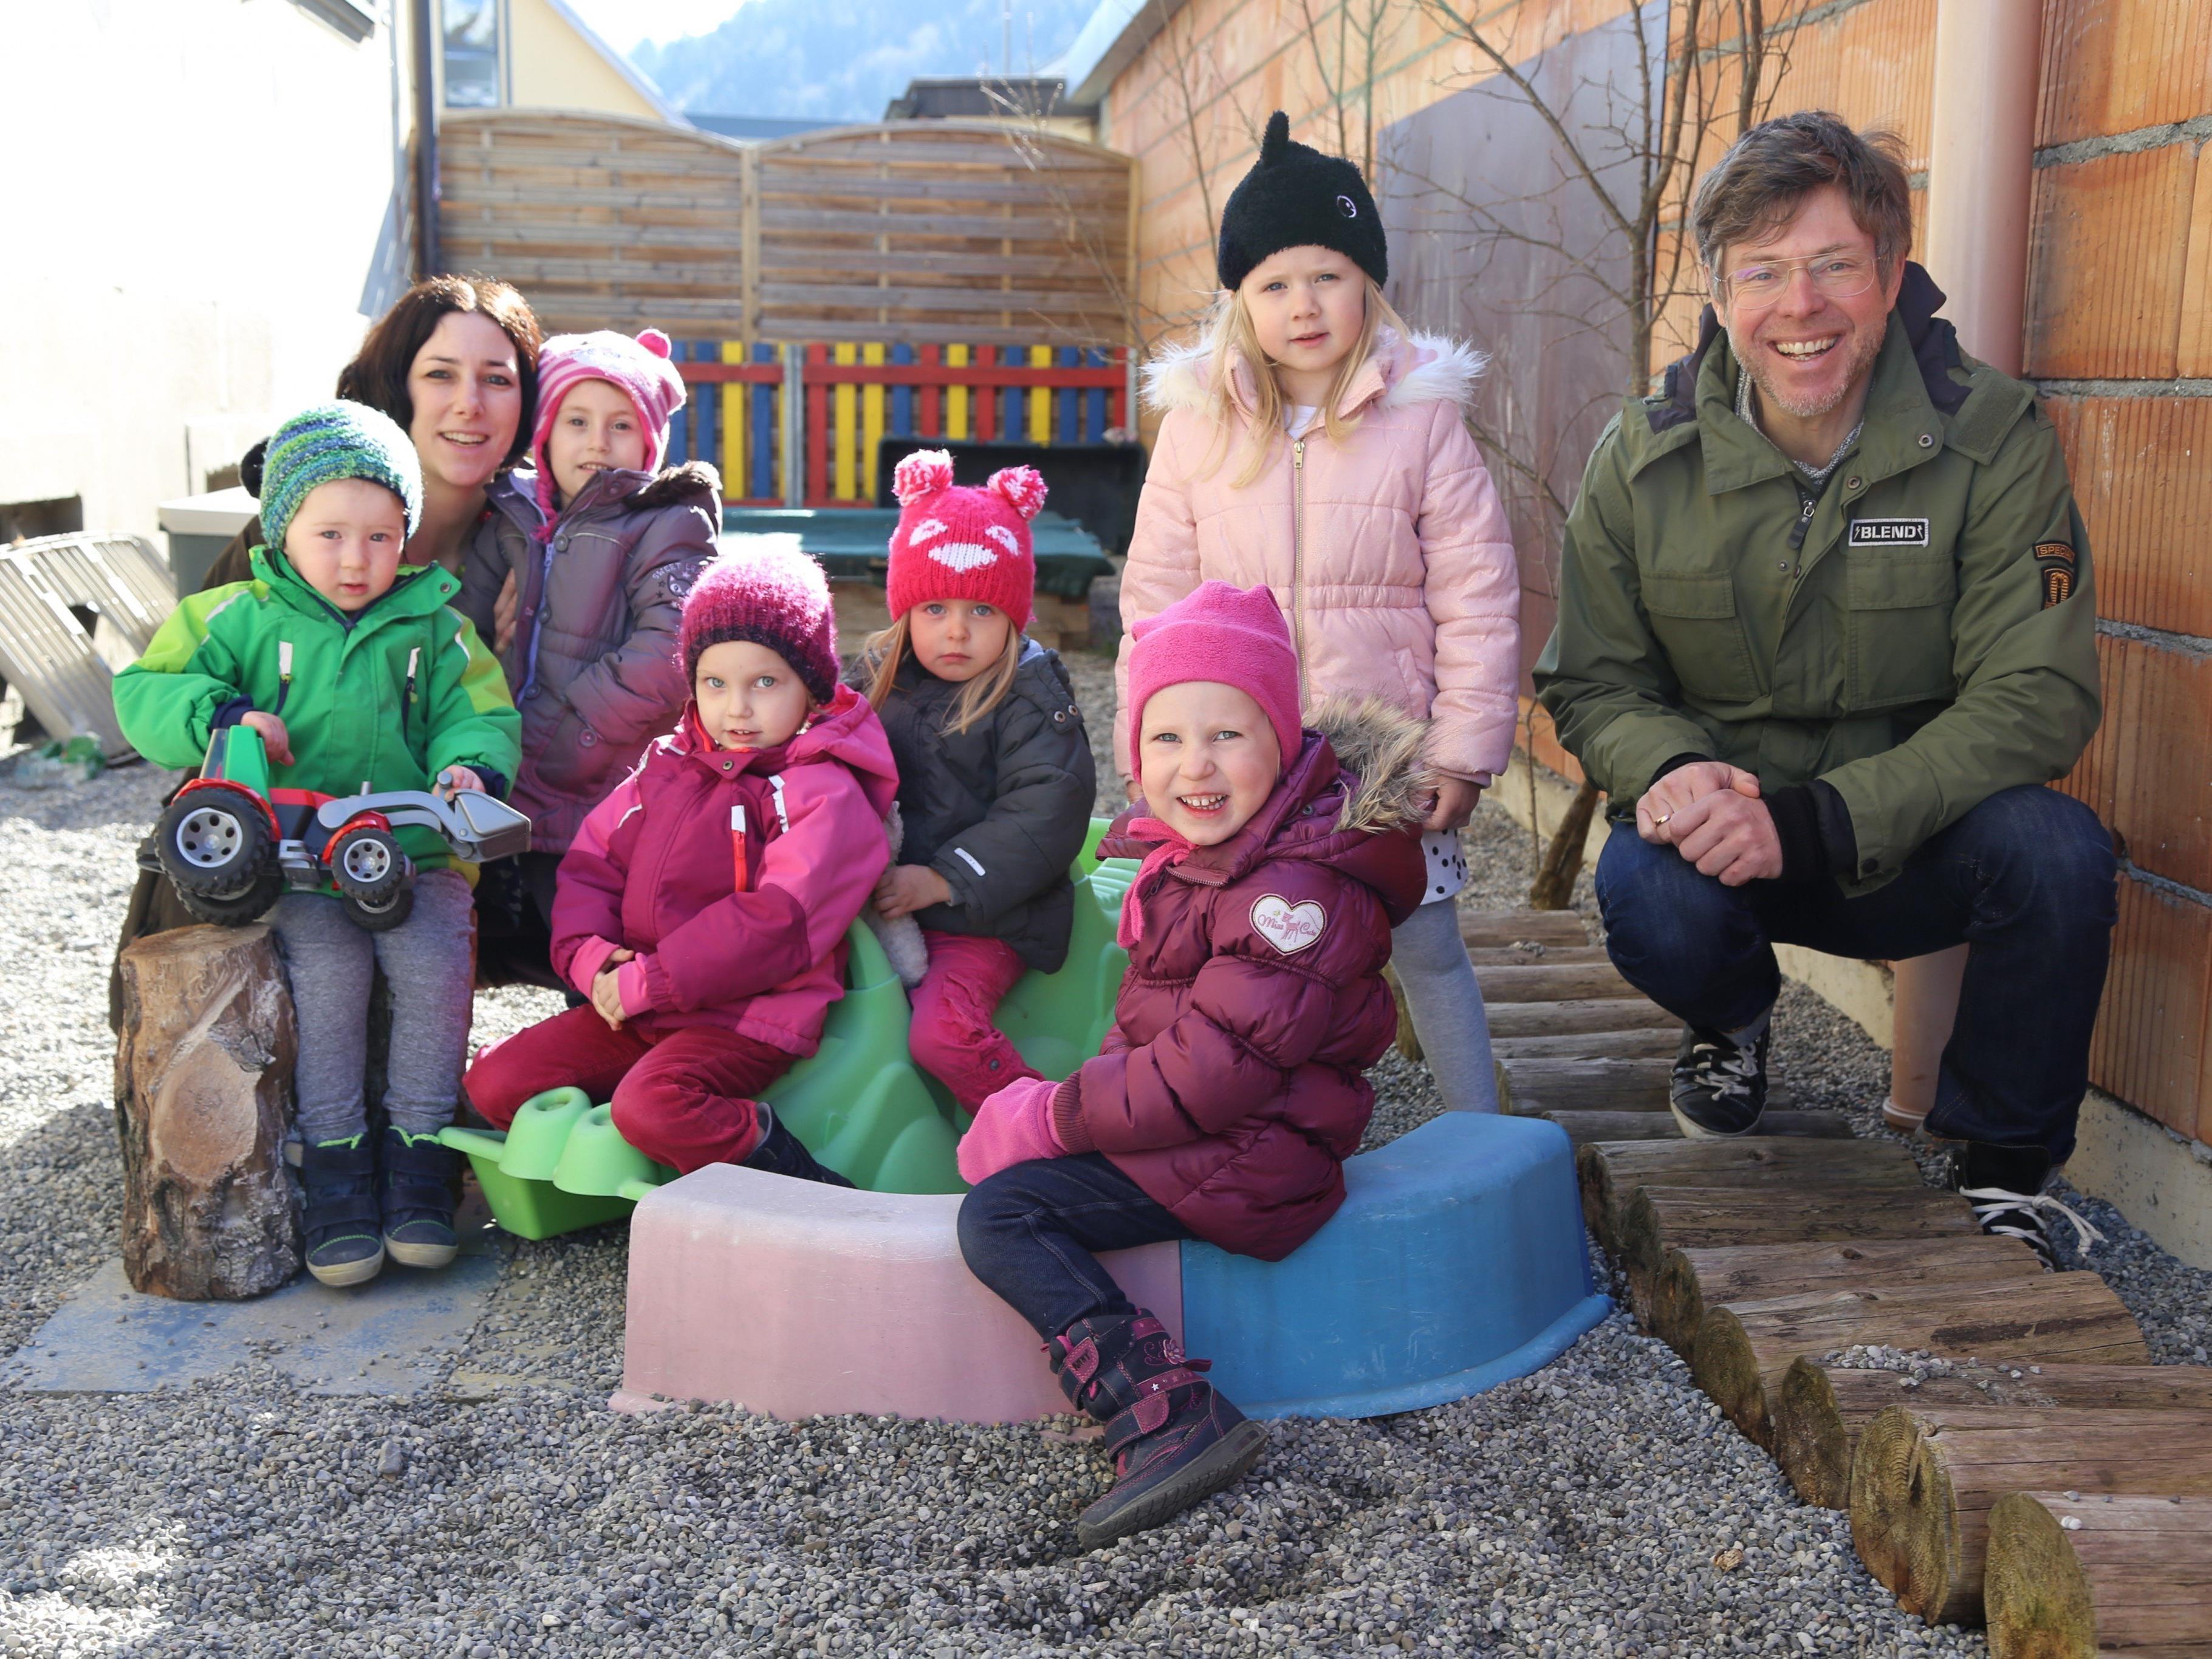 Leiter Markus Herburger (r.) freut sich mit seinen Kleinkindern über die Gestaltung des Außenbereichs.